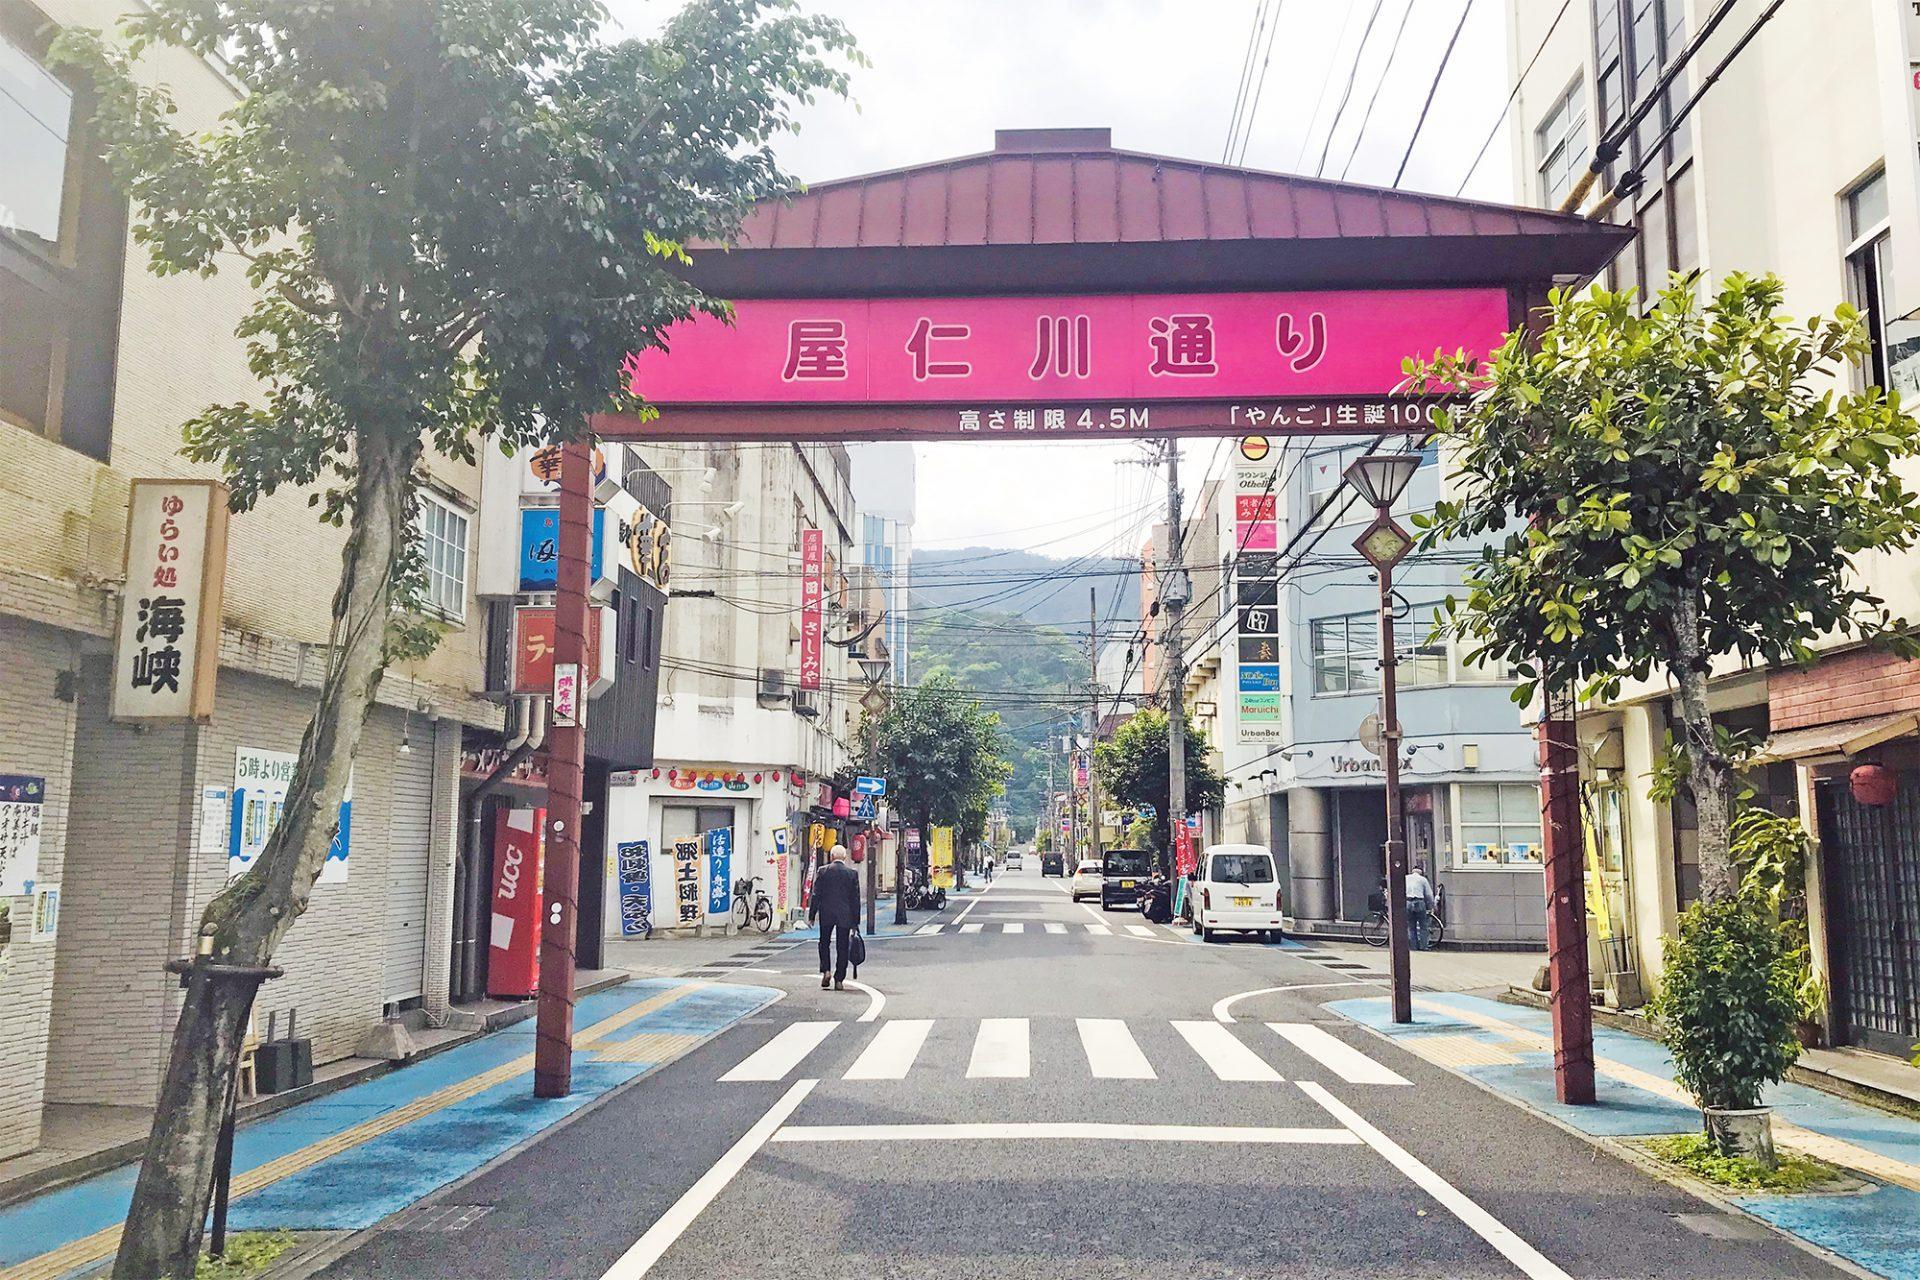 屋仁川通り 奄美 サン プラザ ホテル 旅行 観光 おすすめ 宿泊